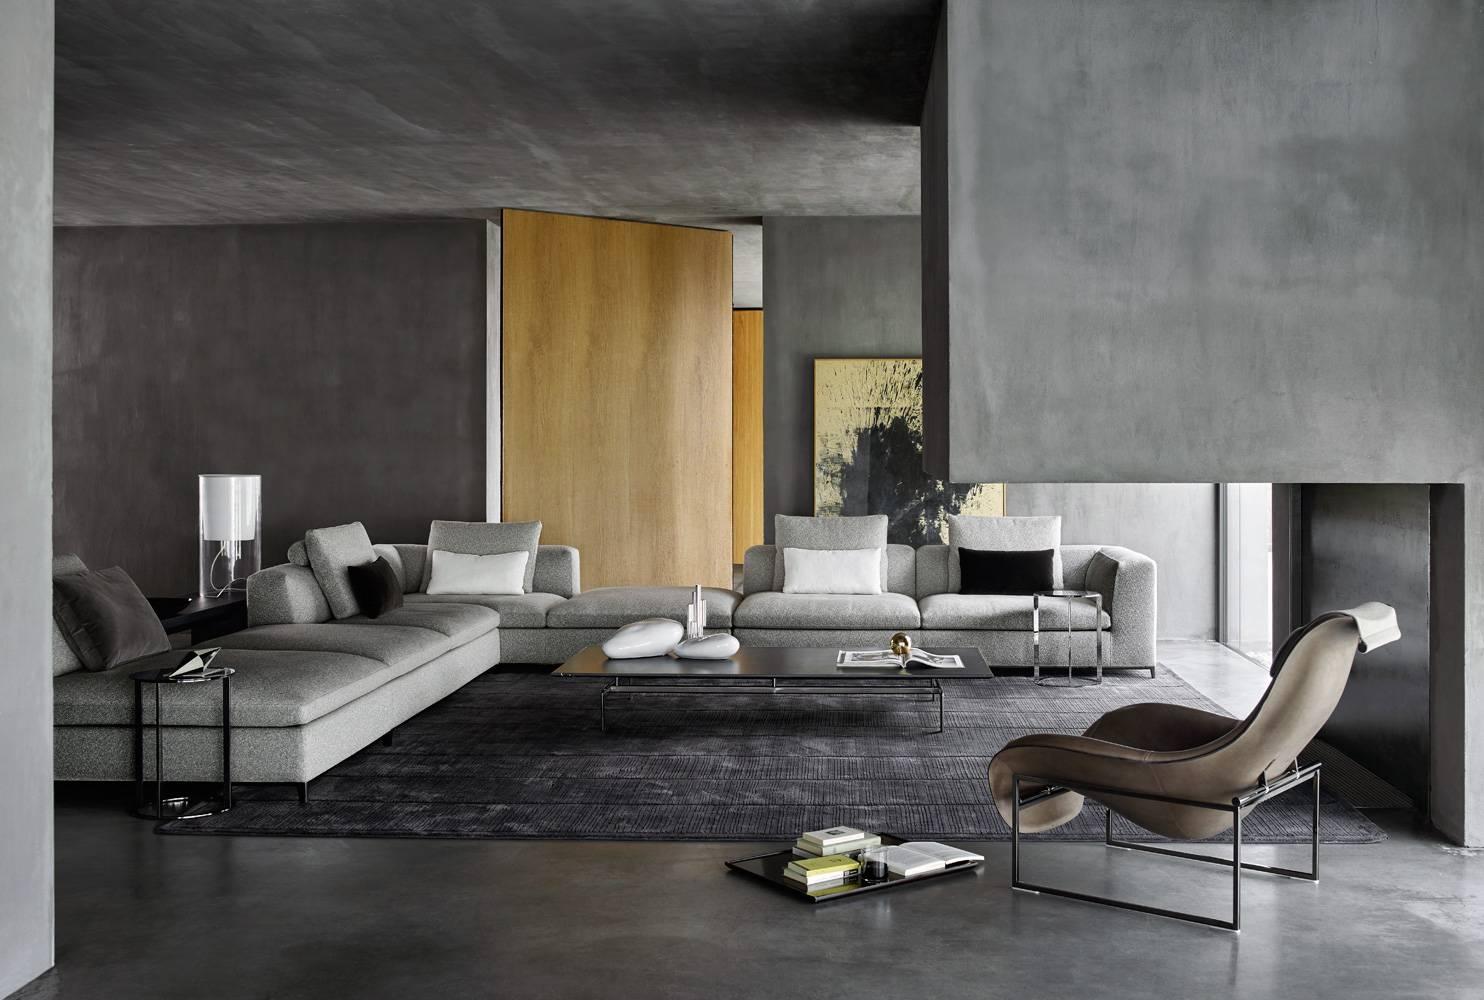 MICHEL CLUB design par Antonio Citterio